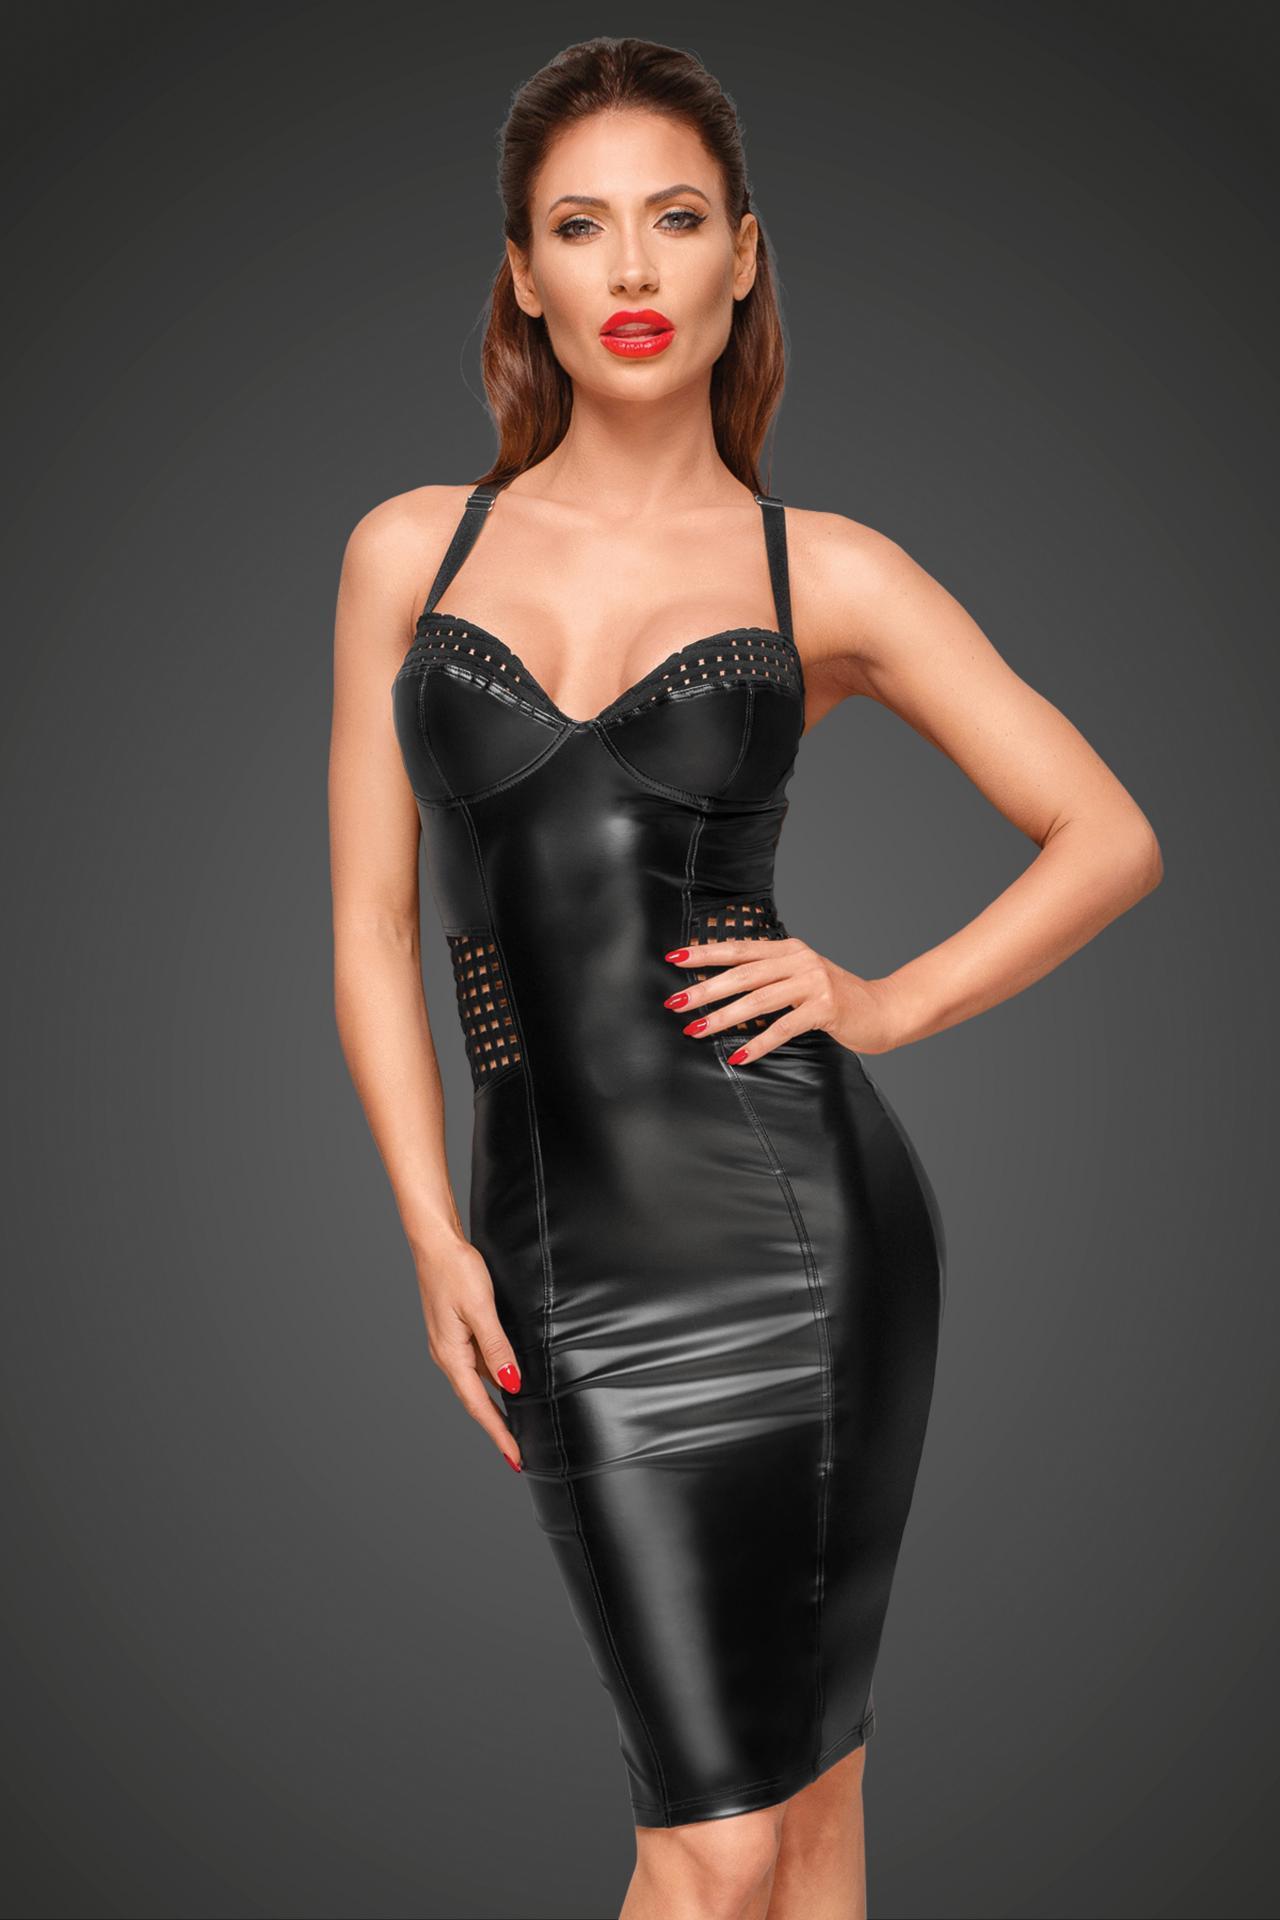 Vestido cuero oscuro y sexy